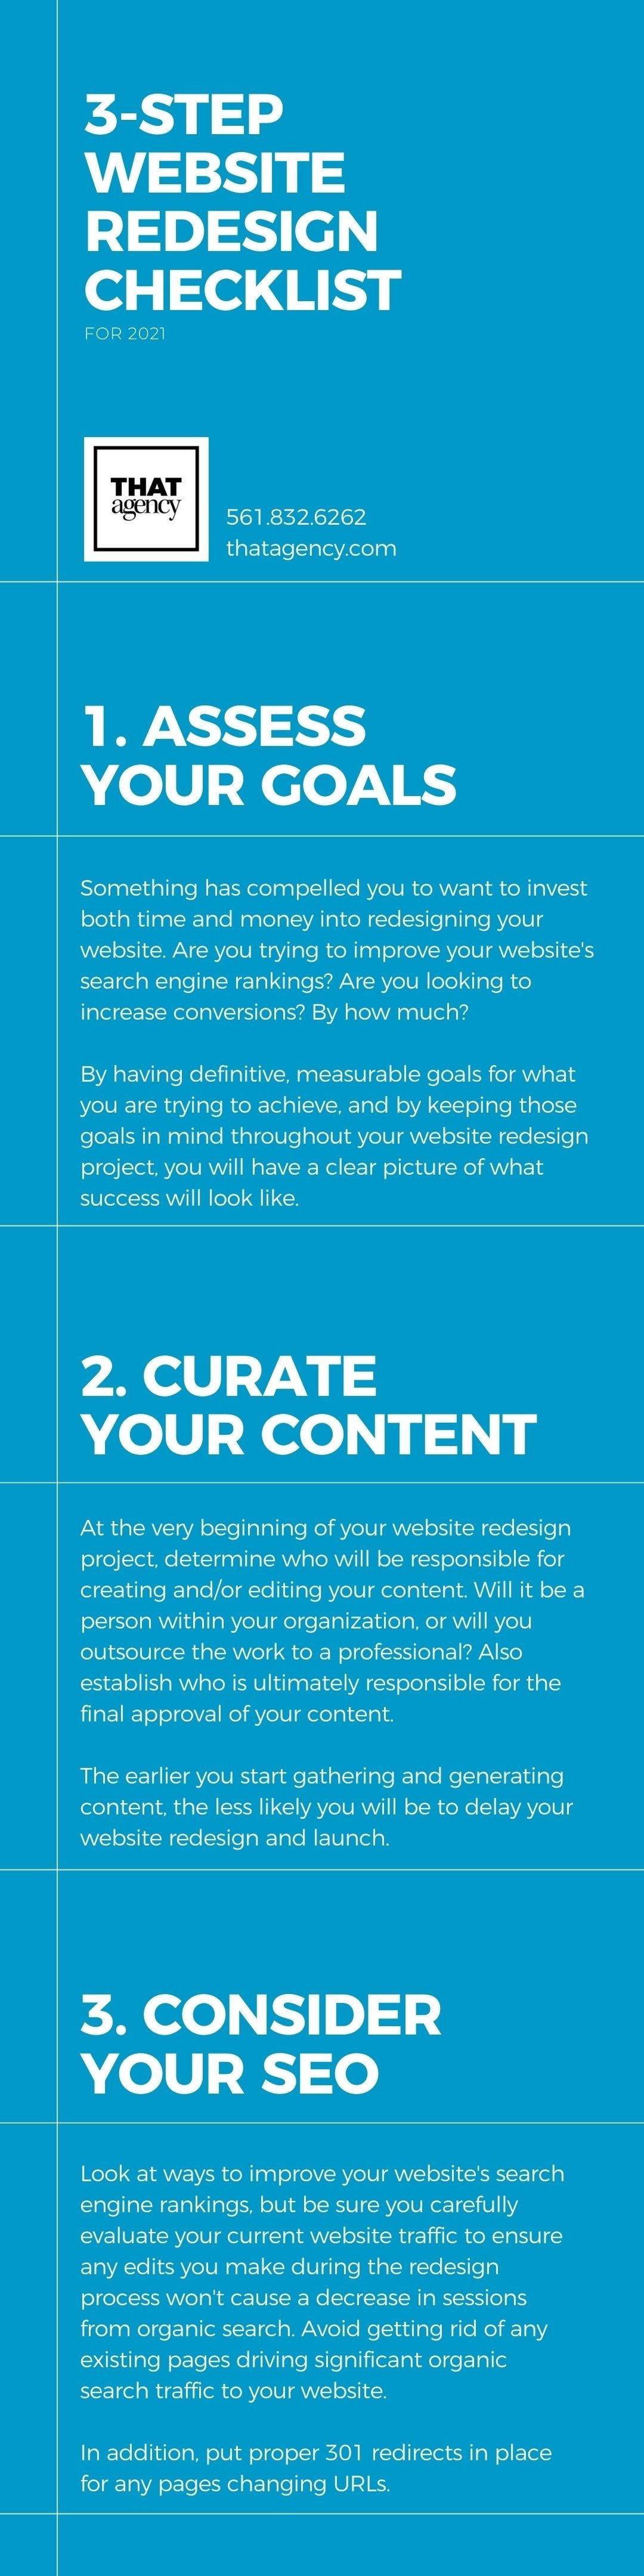 website-redesign-checklist-2021